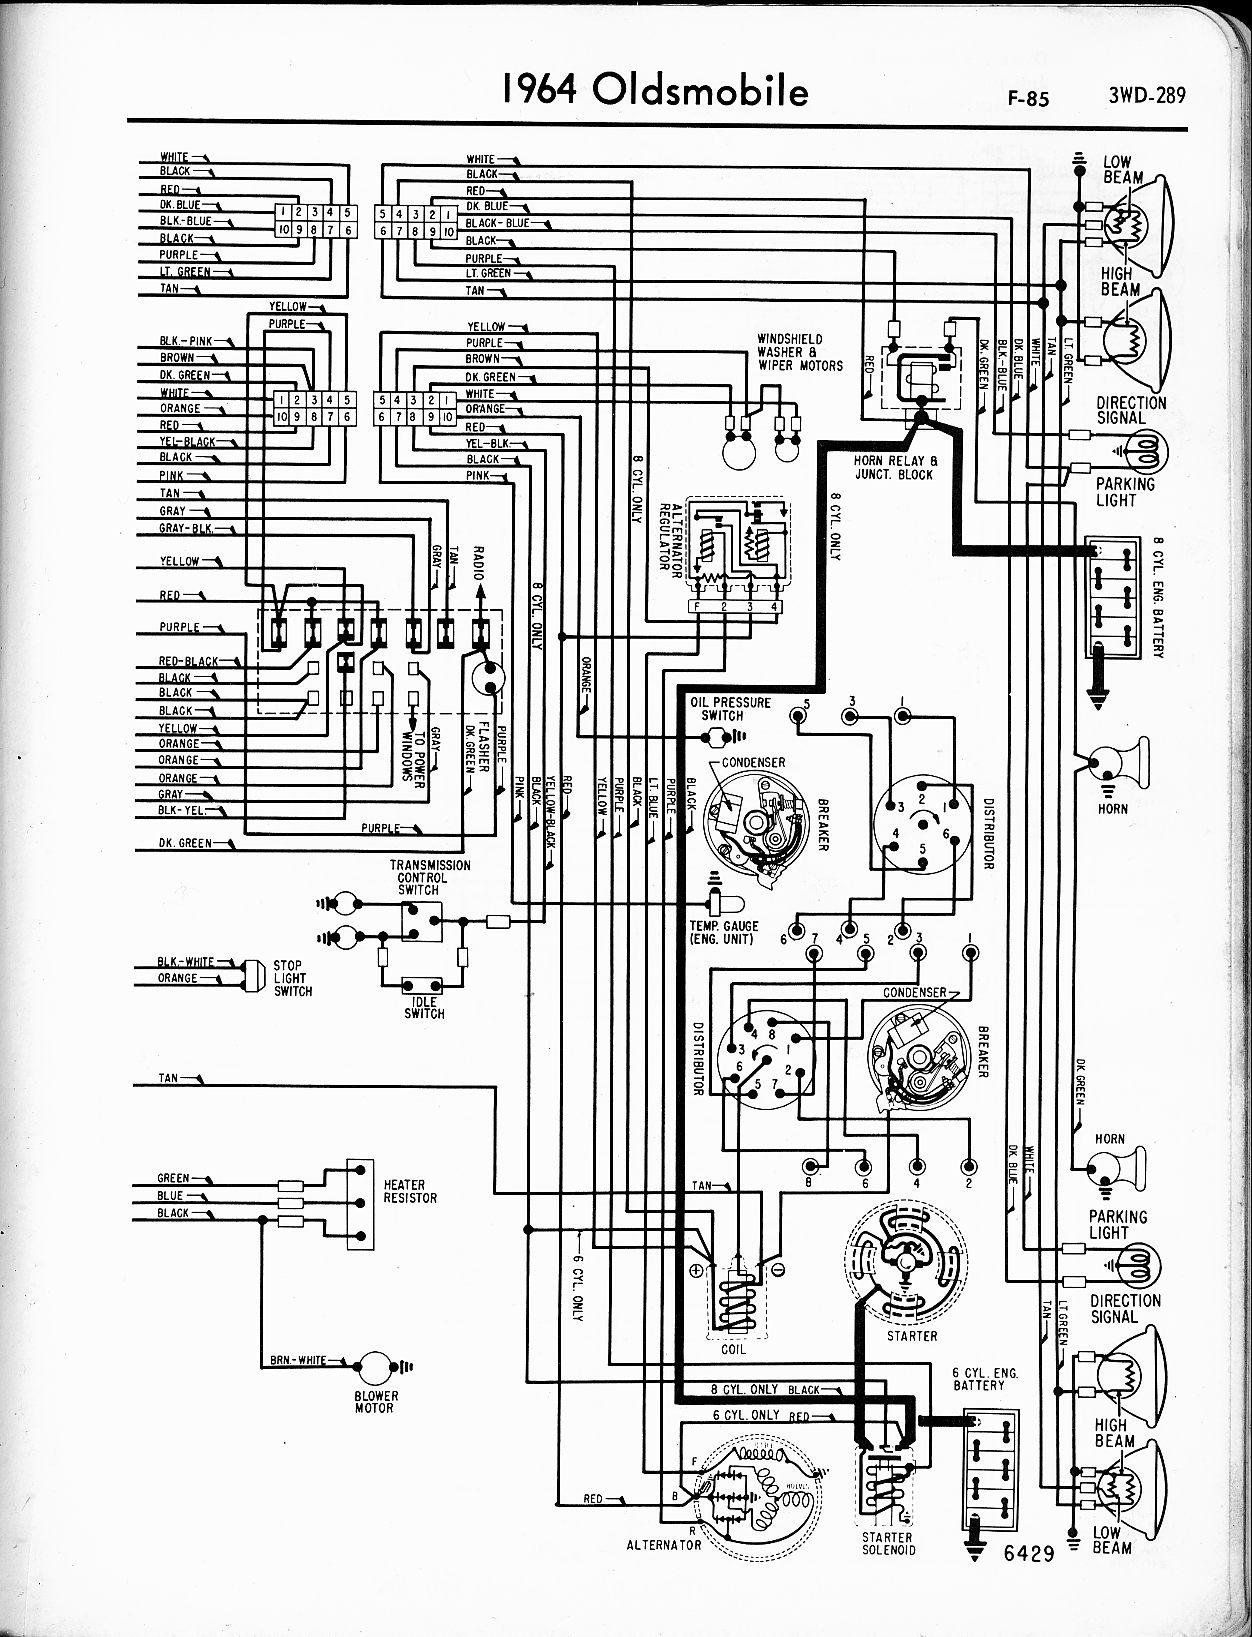 Supreme Caravan 12 Pin Plug Wiring Diagram